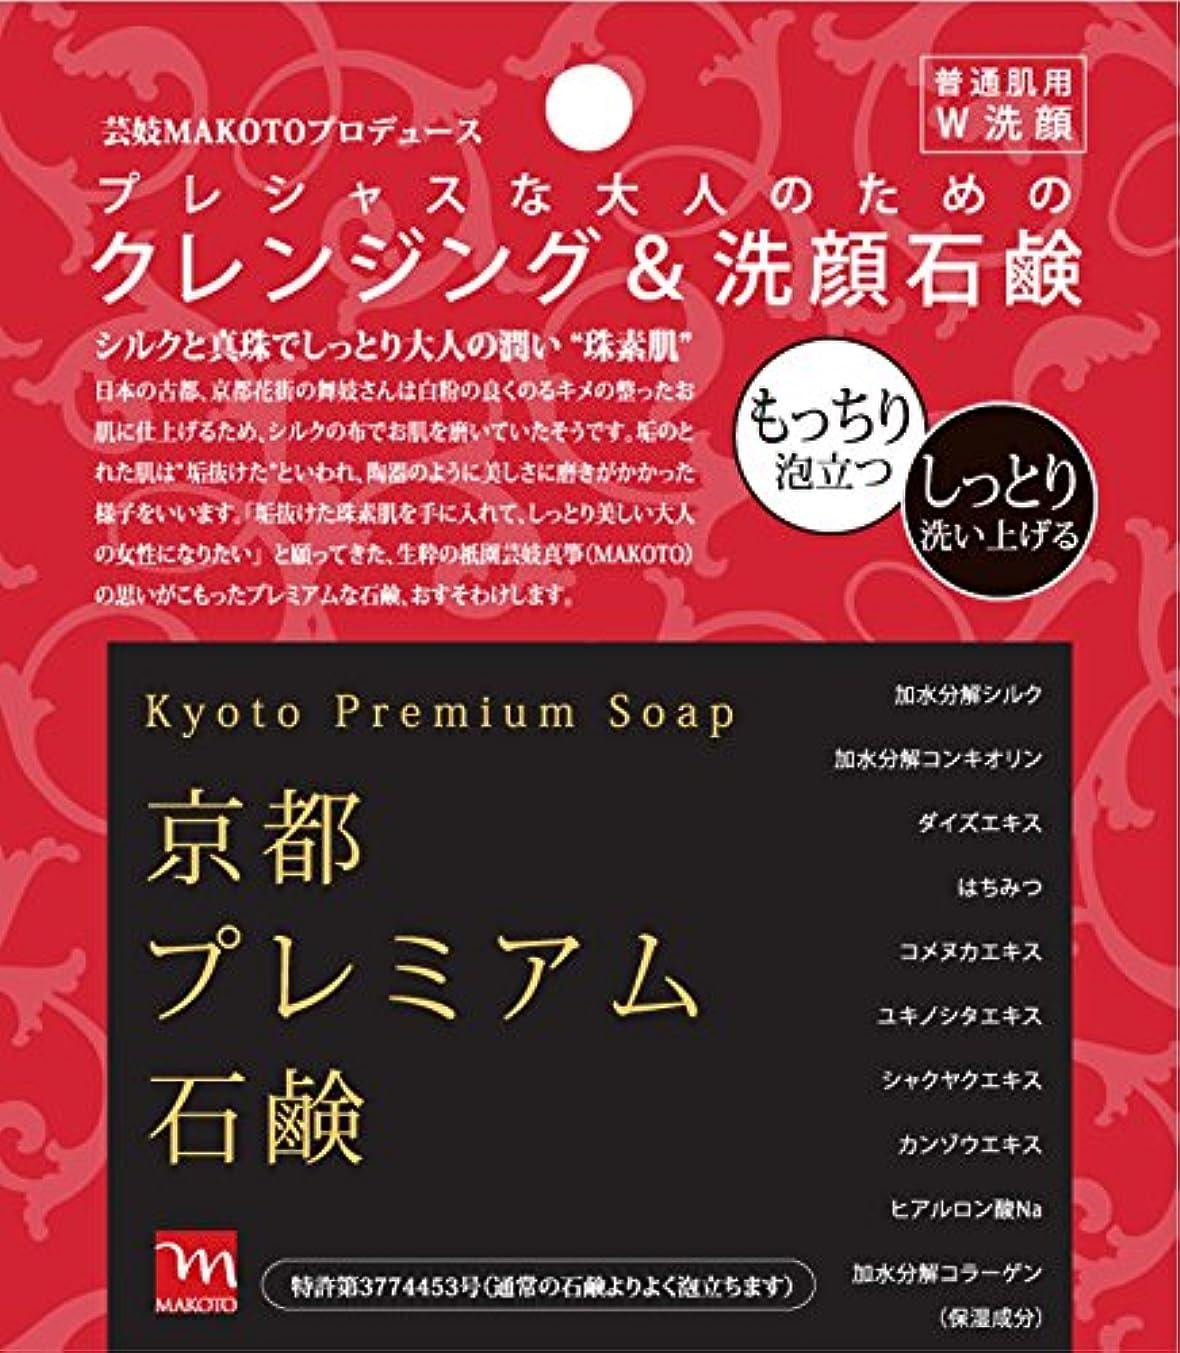 まもなく推測隣接する京都プレミアム石鹸 クレンジング&洗顔石鹸 しっとり もっちり 芸妓さん監修